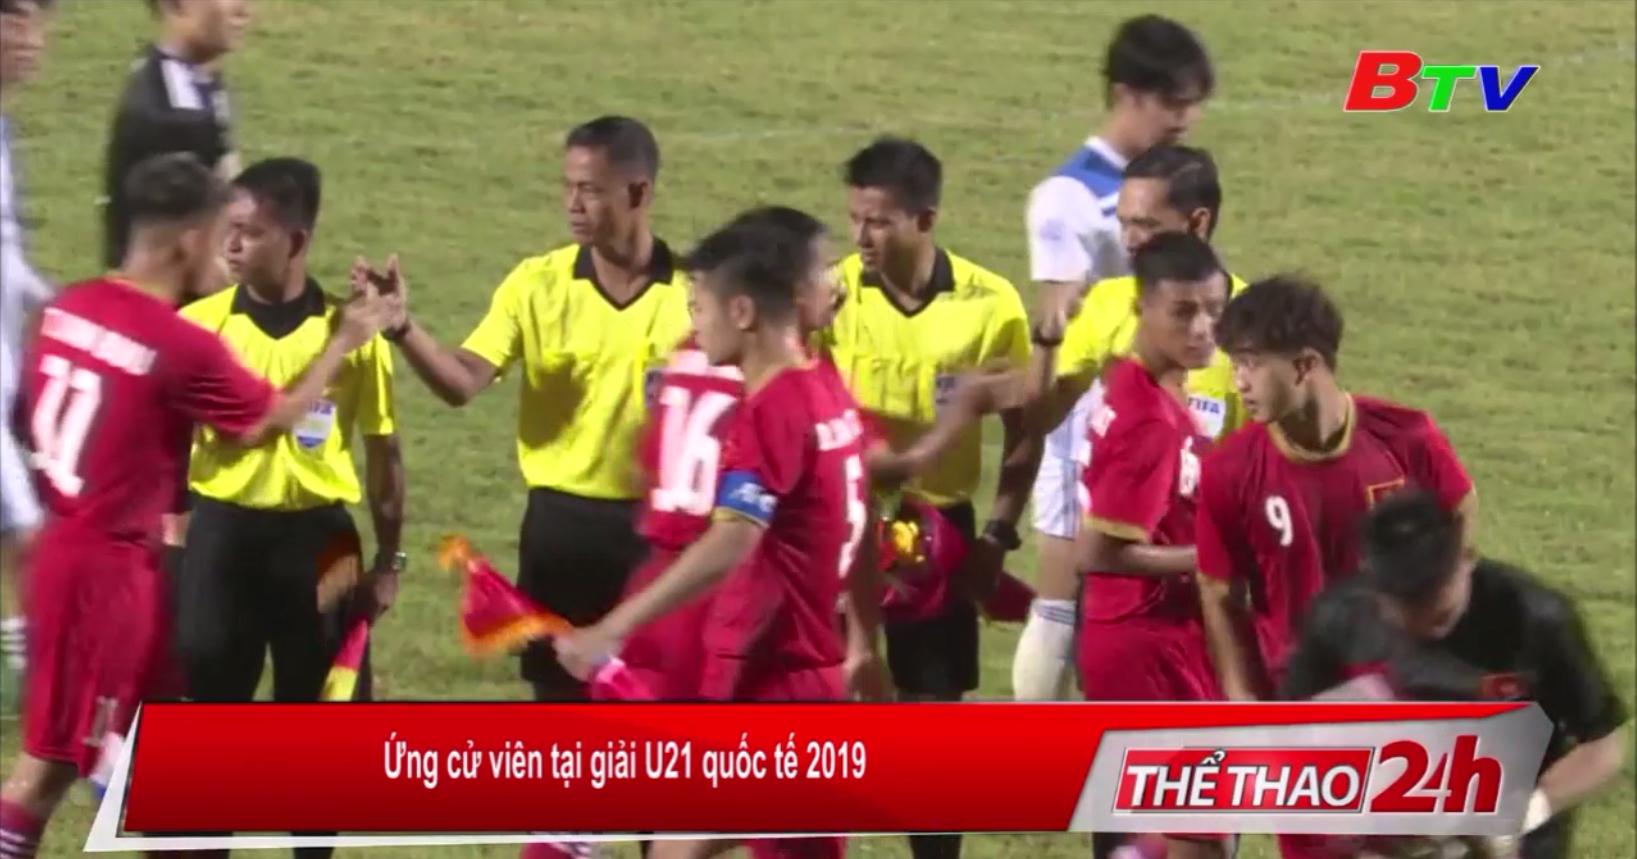 Ứng cử viên tại giải U21 Quốc tế 2019